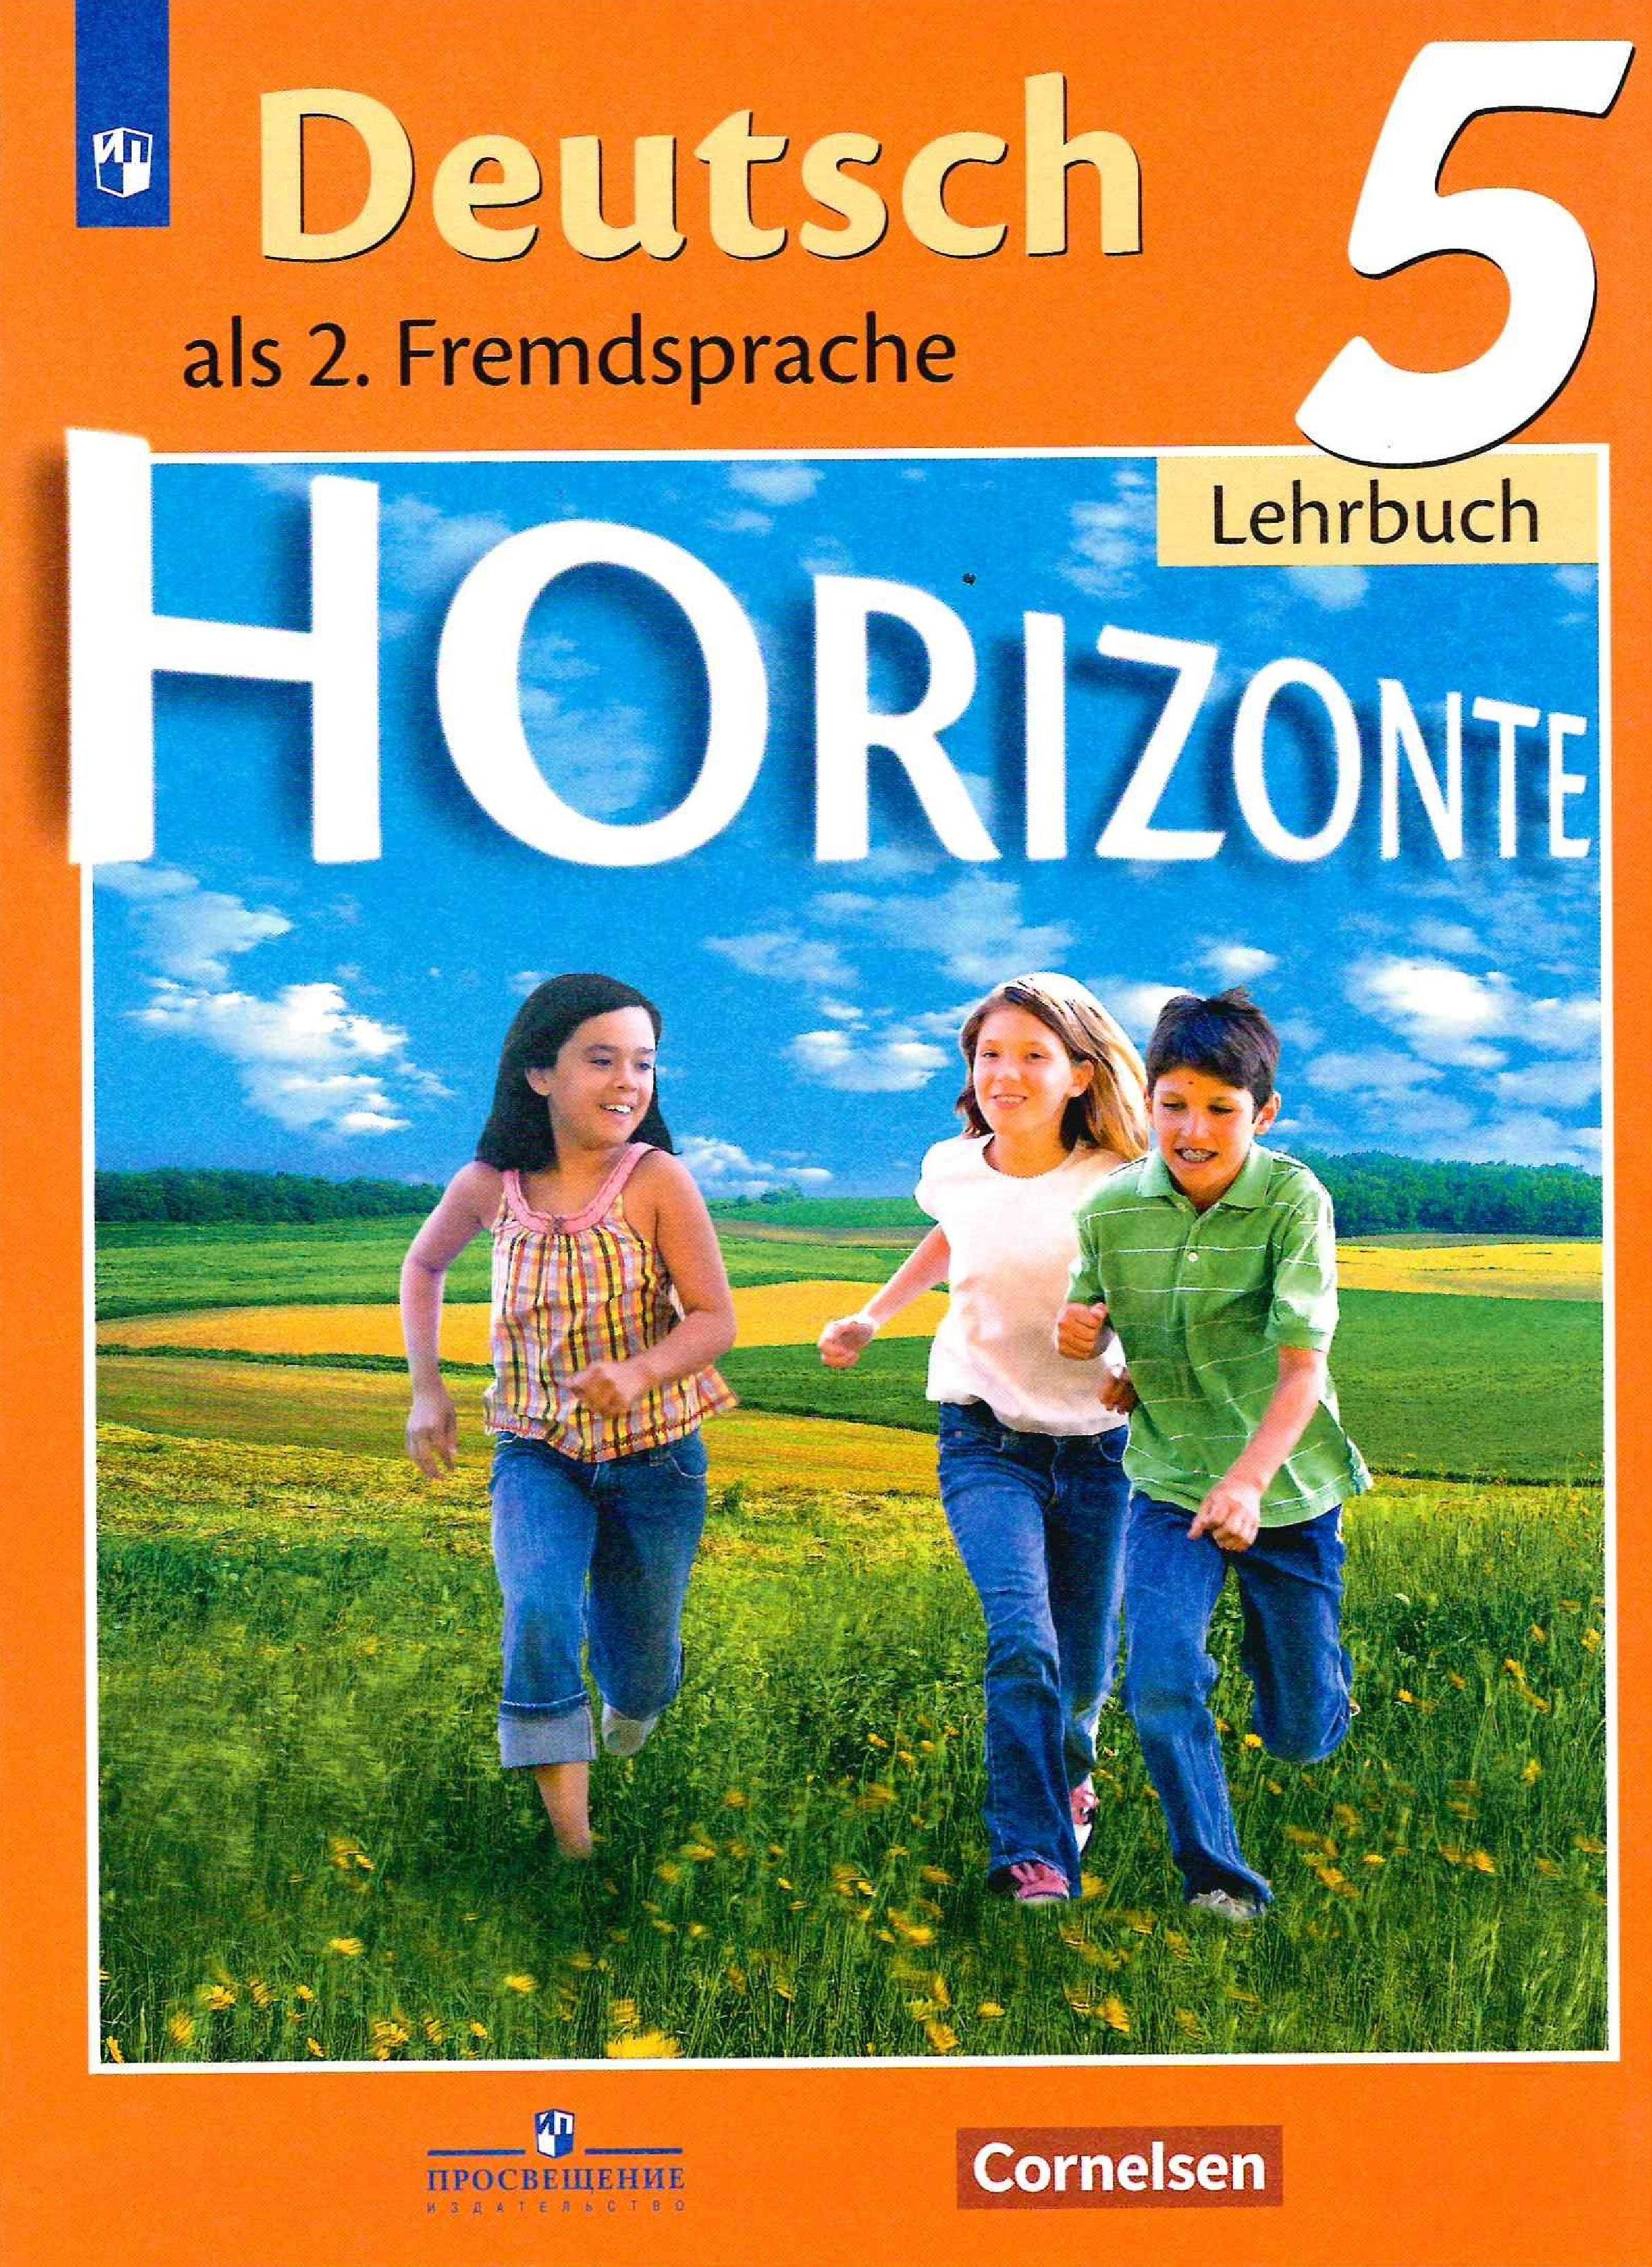 Аверин М.М. Горизонты (Horizonte). Учебник. 5 класс